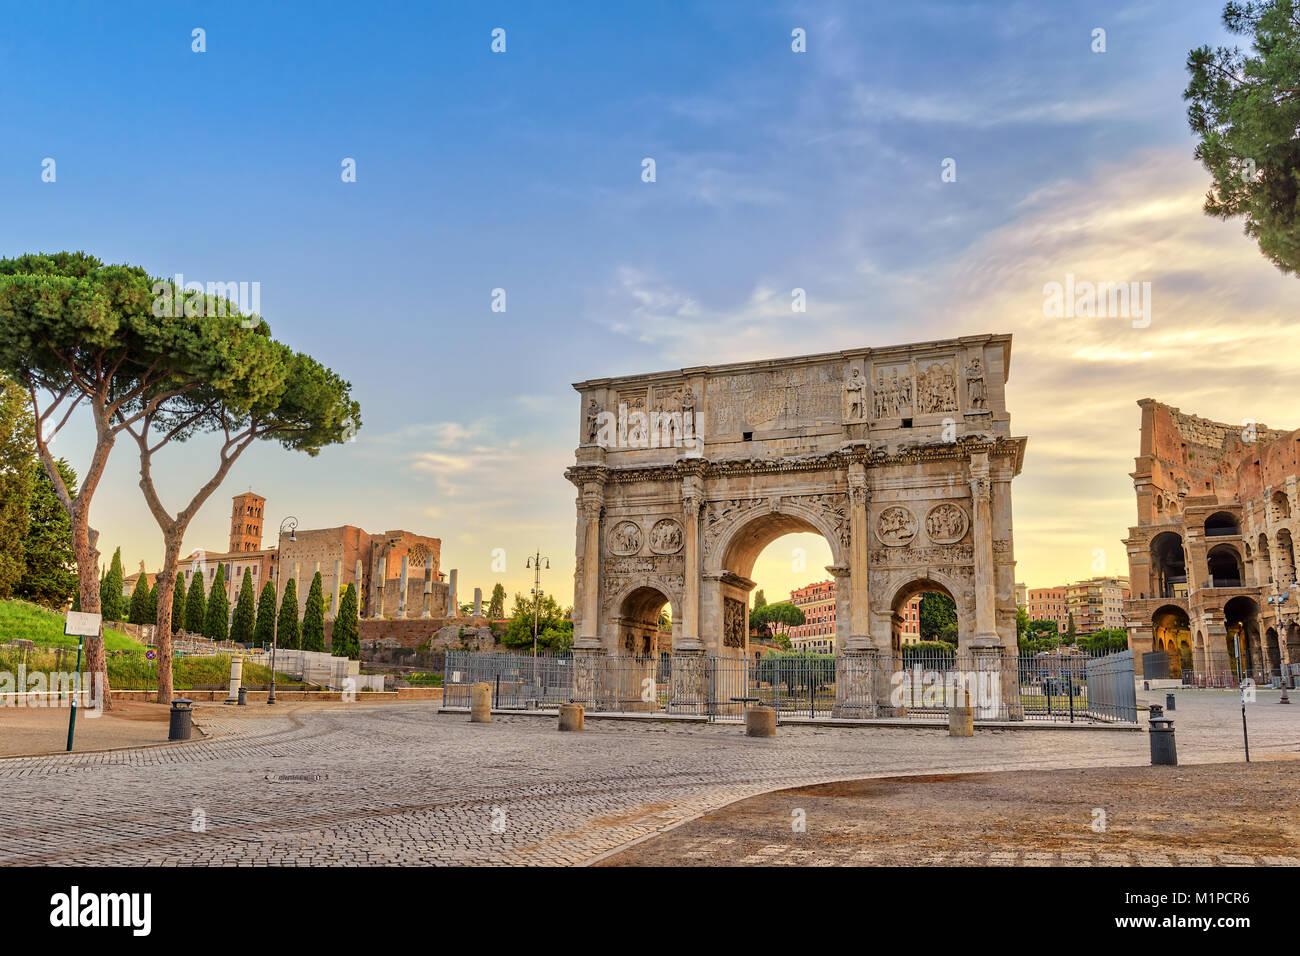 Lever du soleil sur les toits de la ville de Rome à l'Arc de Constantin, Rome, Italie Photo Stock